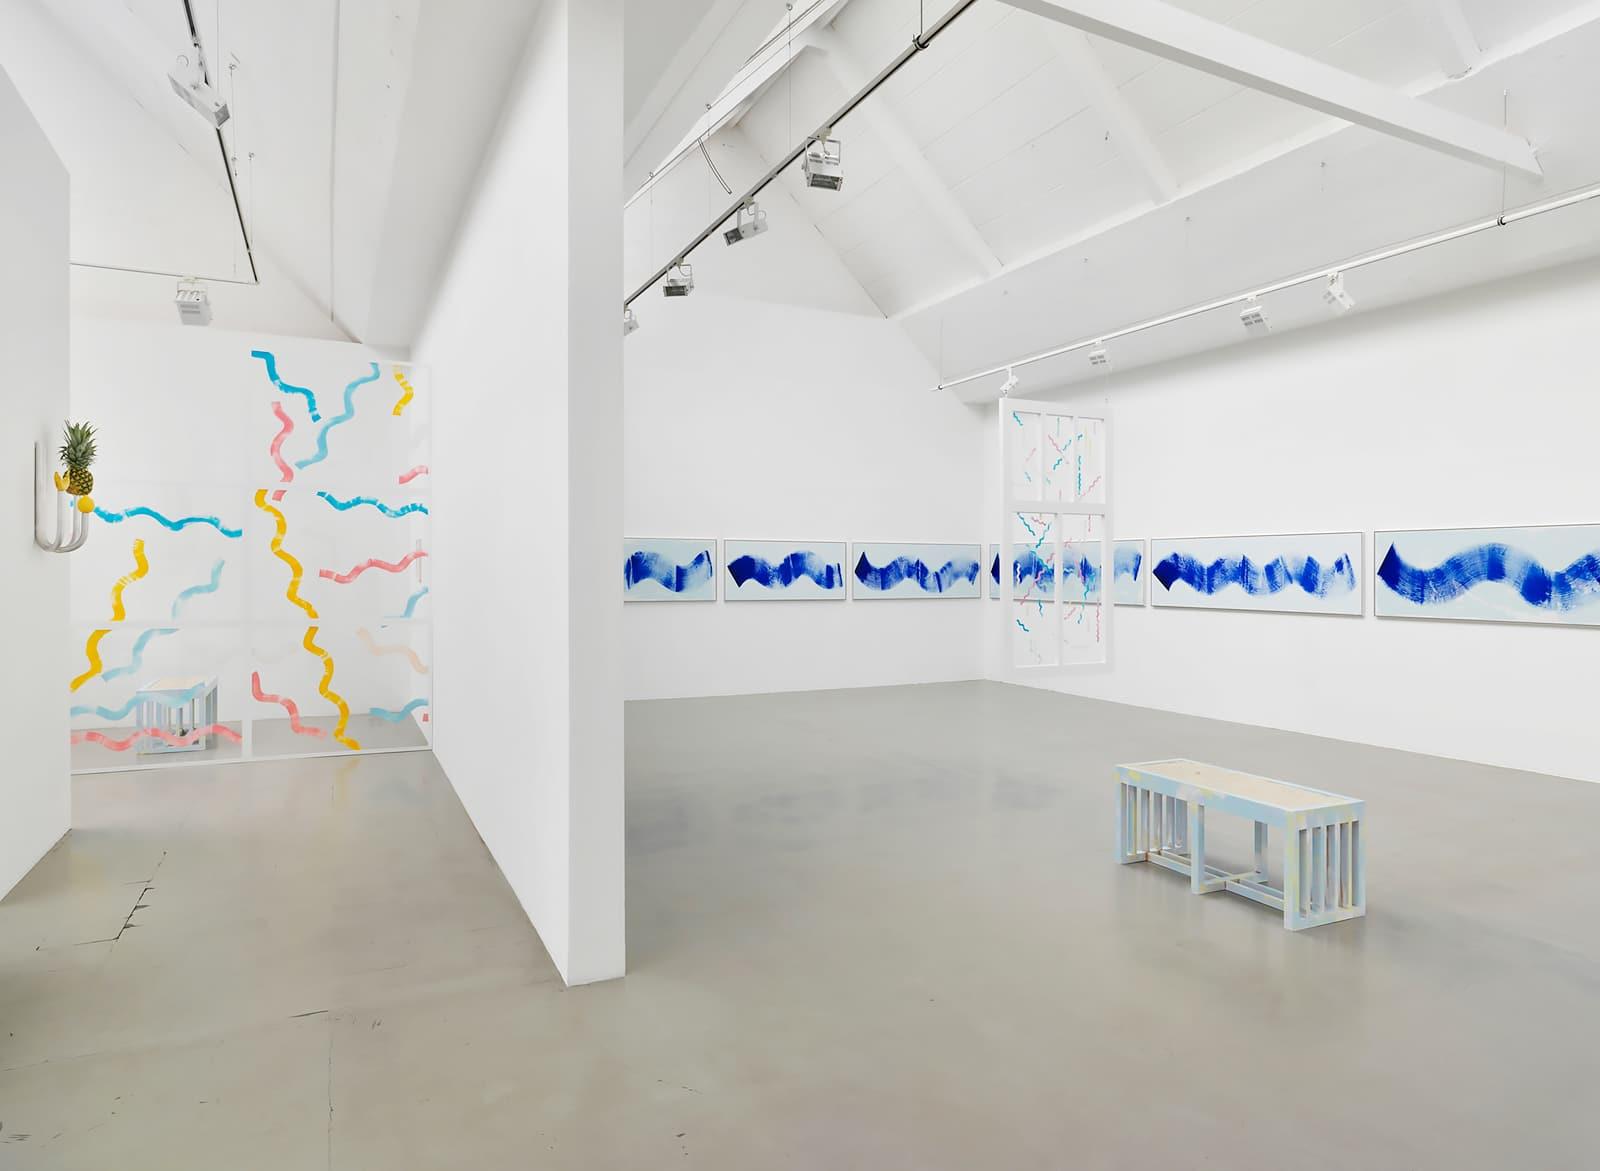 Marina at Galerie Barbara Thumm